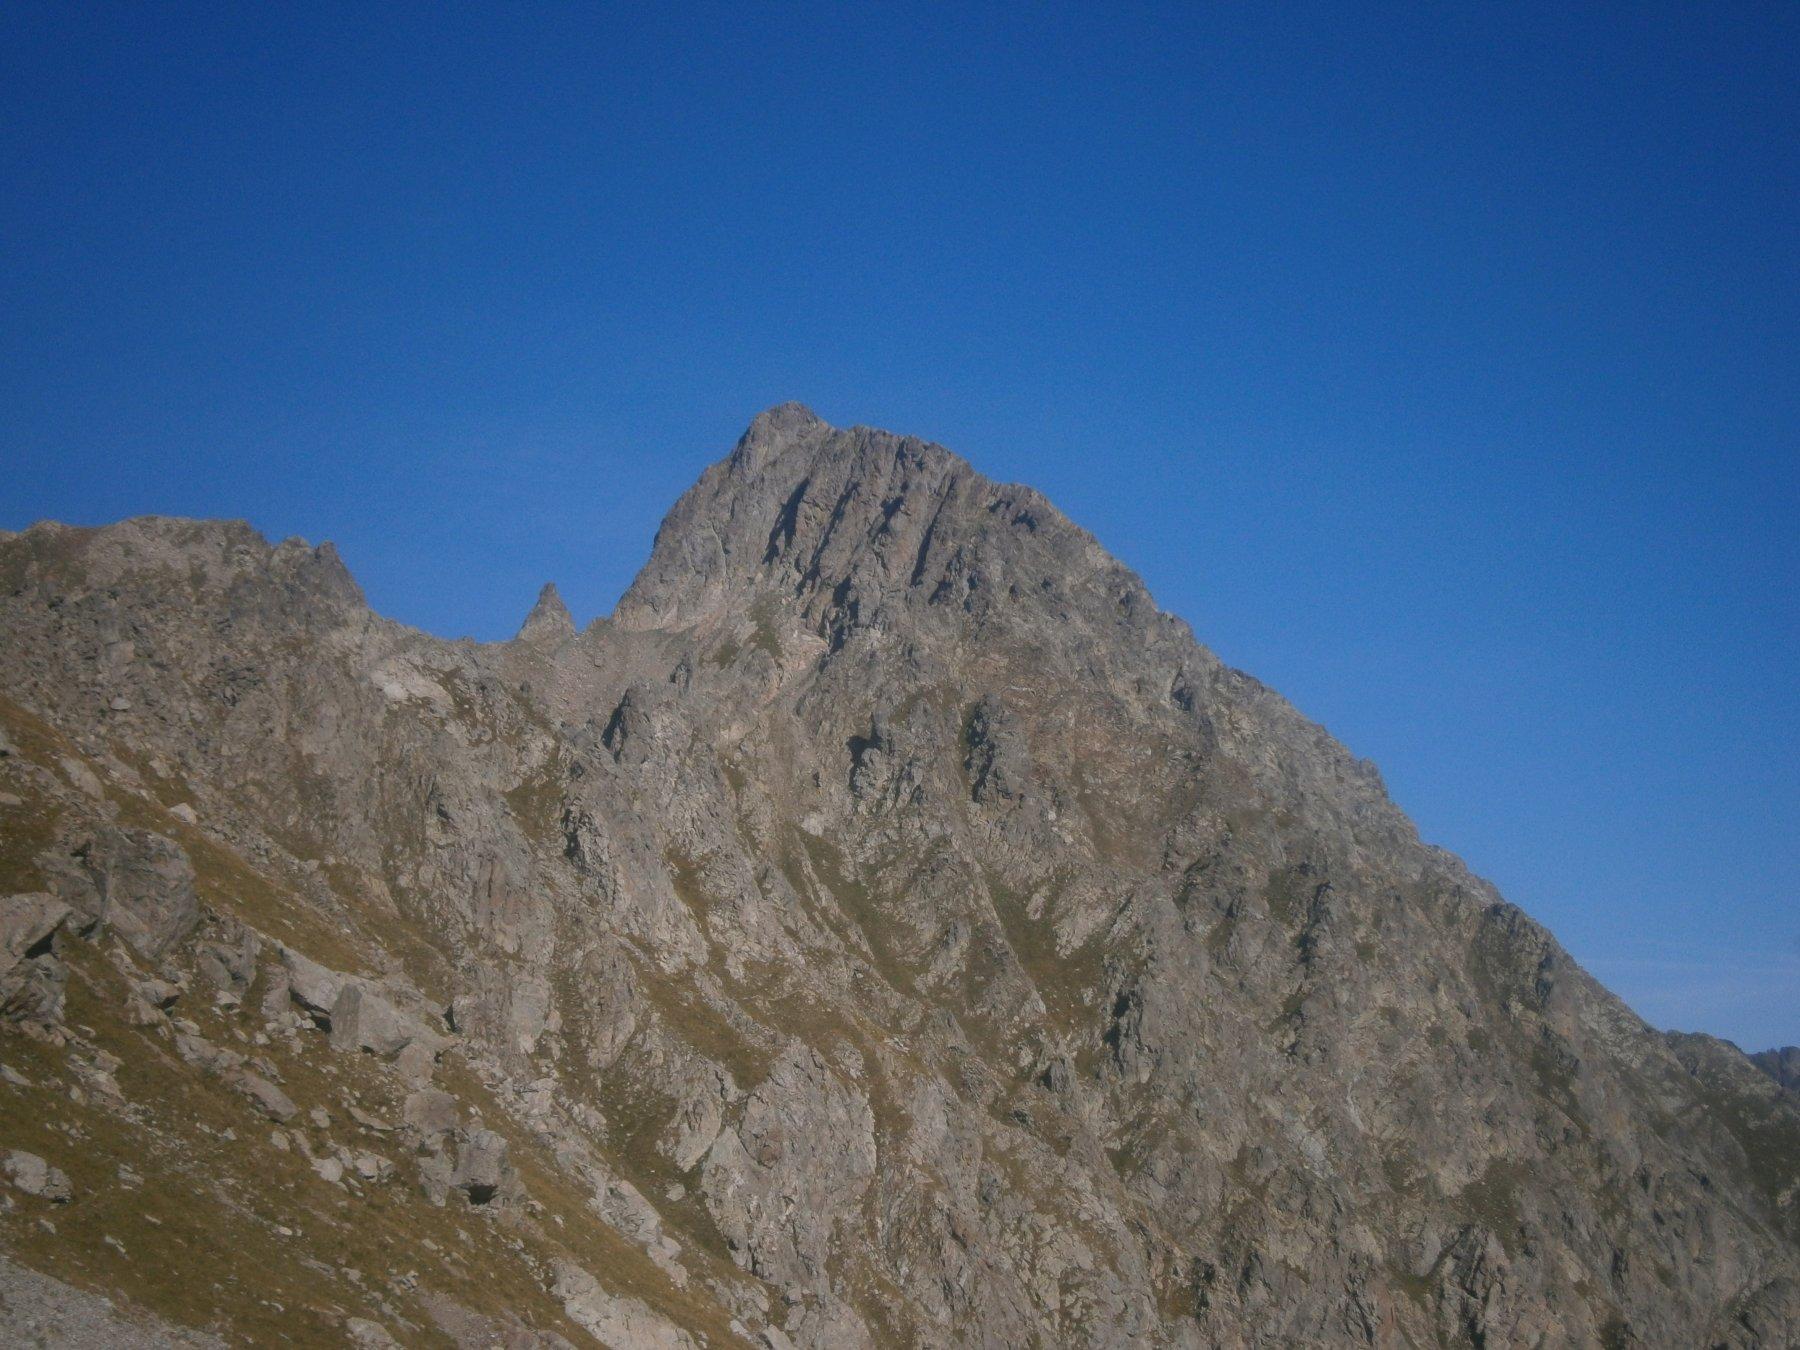 Dal colle di Finestra, la cima del Lombard, mia chimera da un (bel) po'